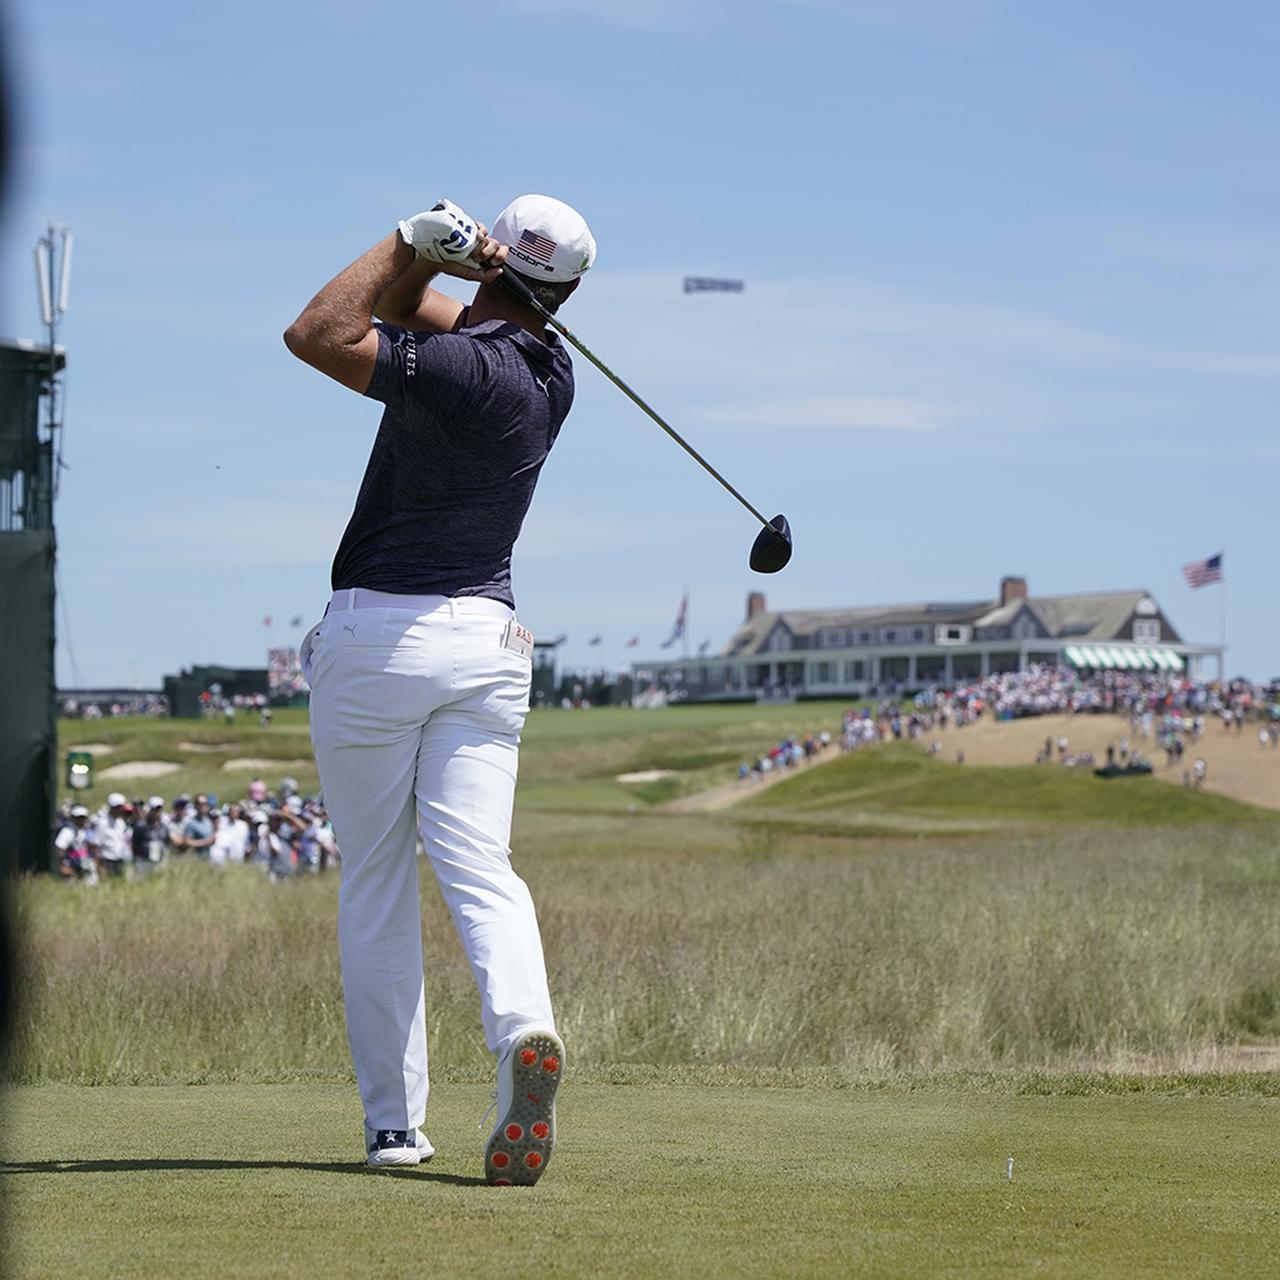 """画像1: 【ブライソン・デシャンボー】変則にみえて合理的。同じ動きで全クラブを網羅""""ライン出し""""スウィング。PGAツアー初戦も優勝"""